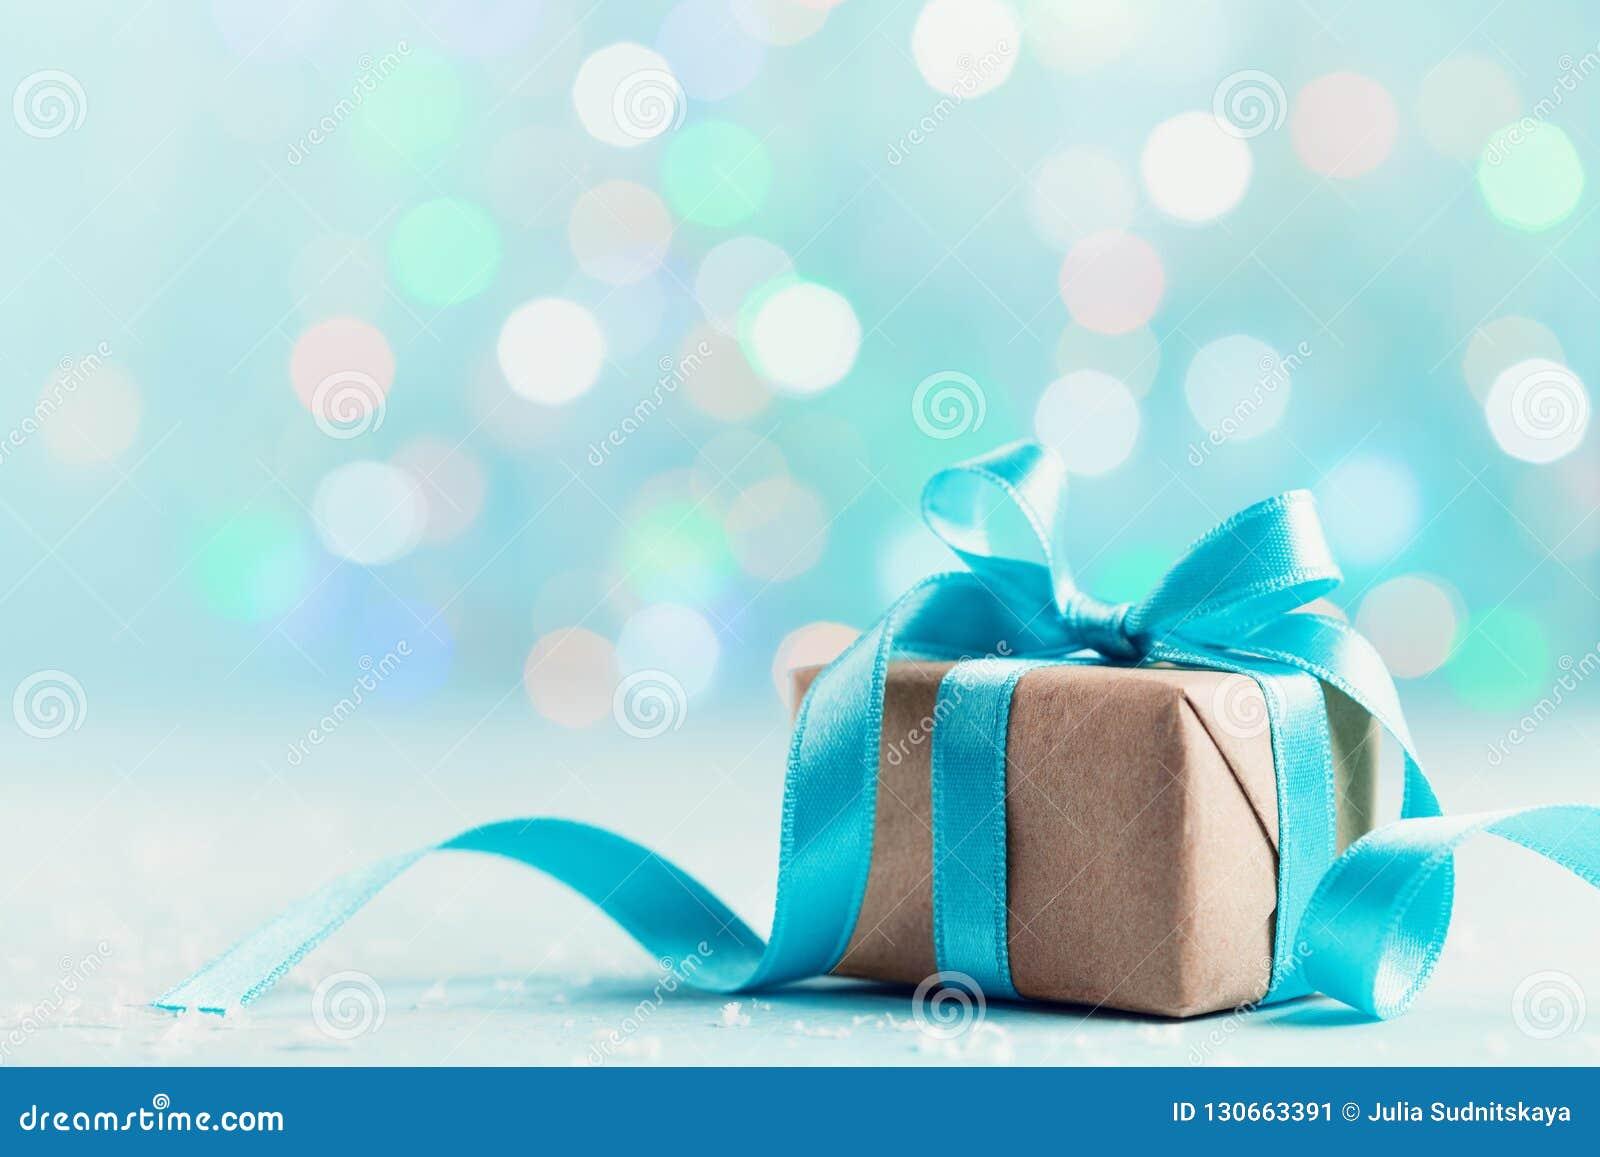 圣诞节反对蓝色bokeh背景的礼物盒 3d美国看板卡上色展开标志问候节假日信函国民形状范围